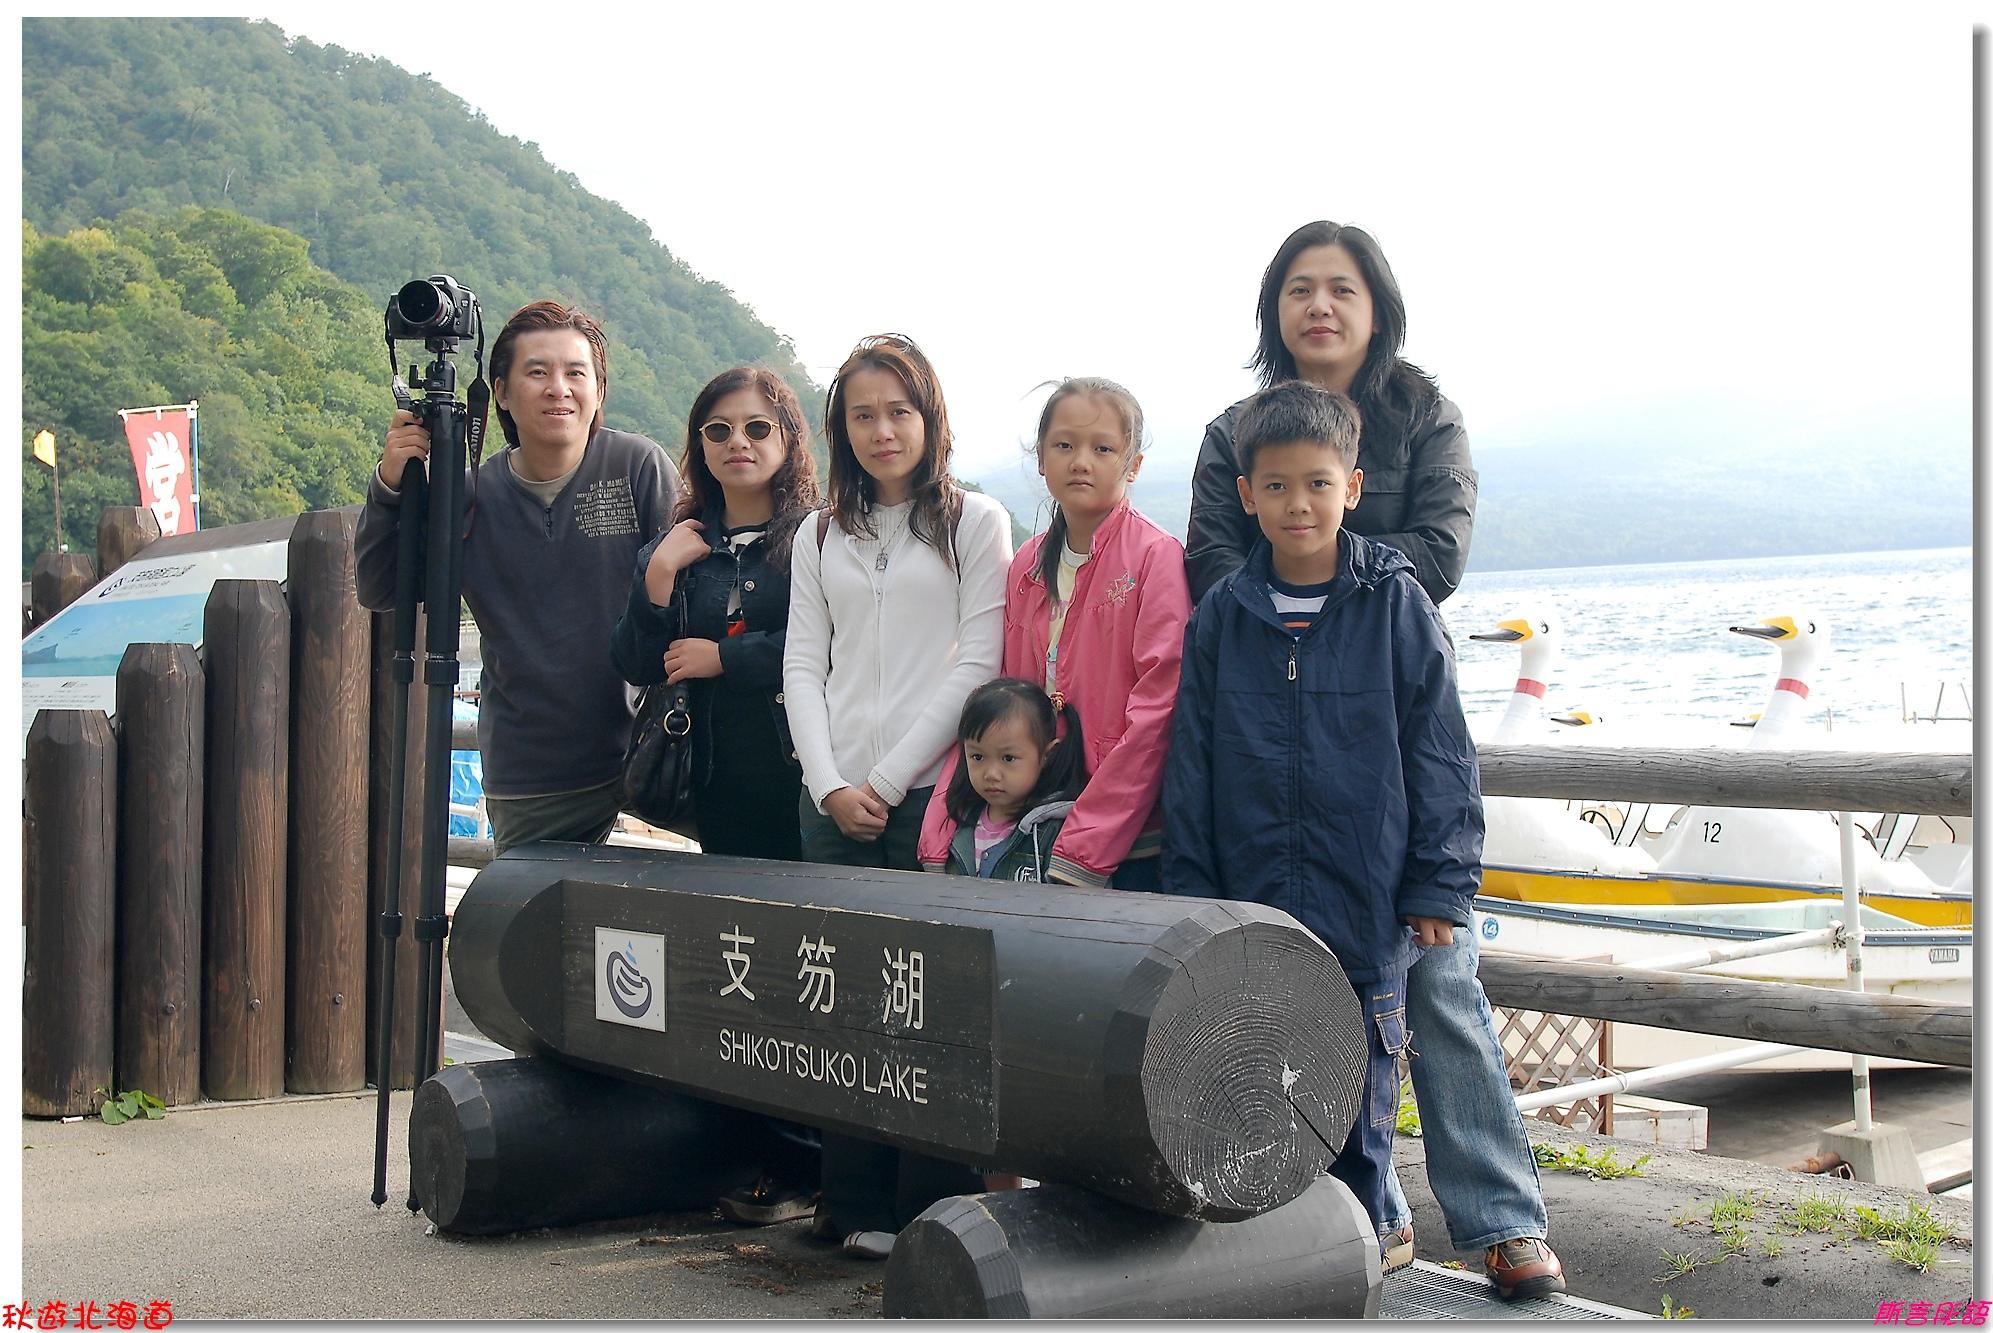 支芴湖 (1)